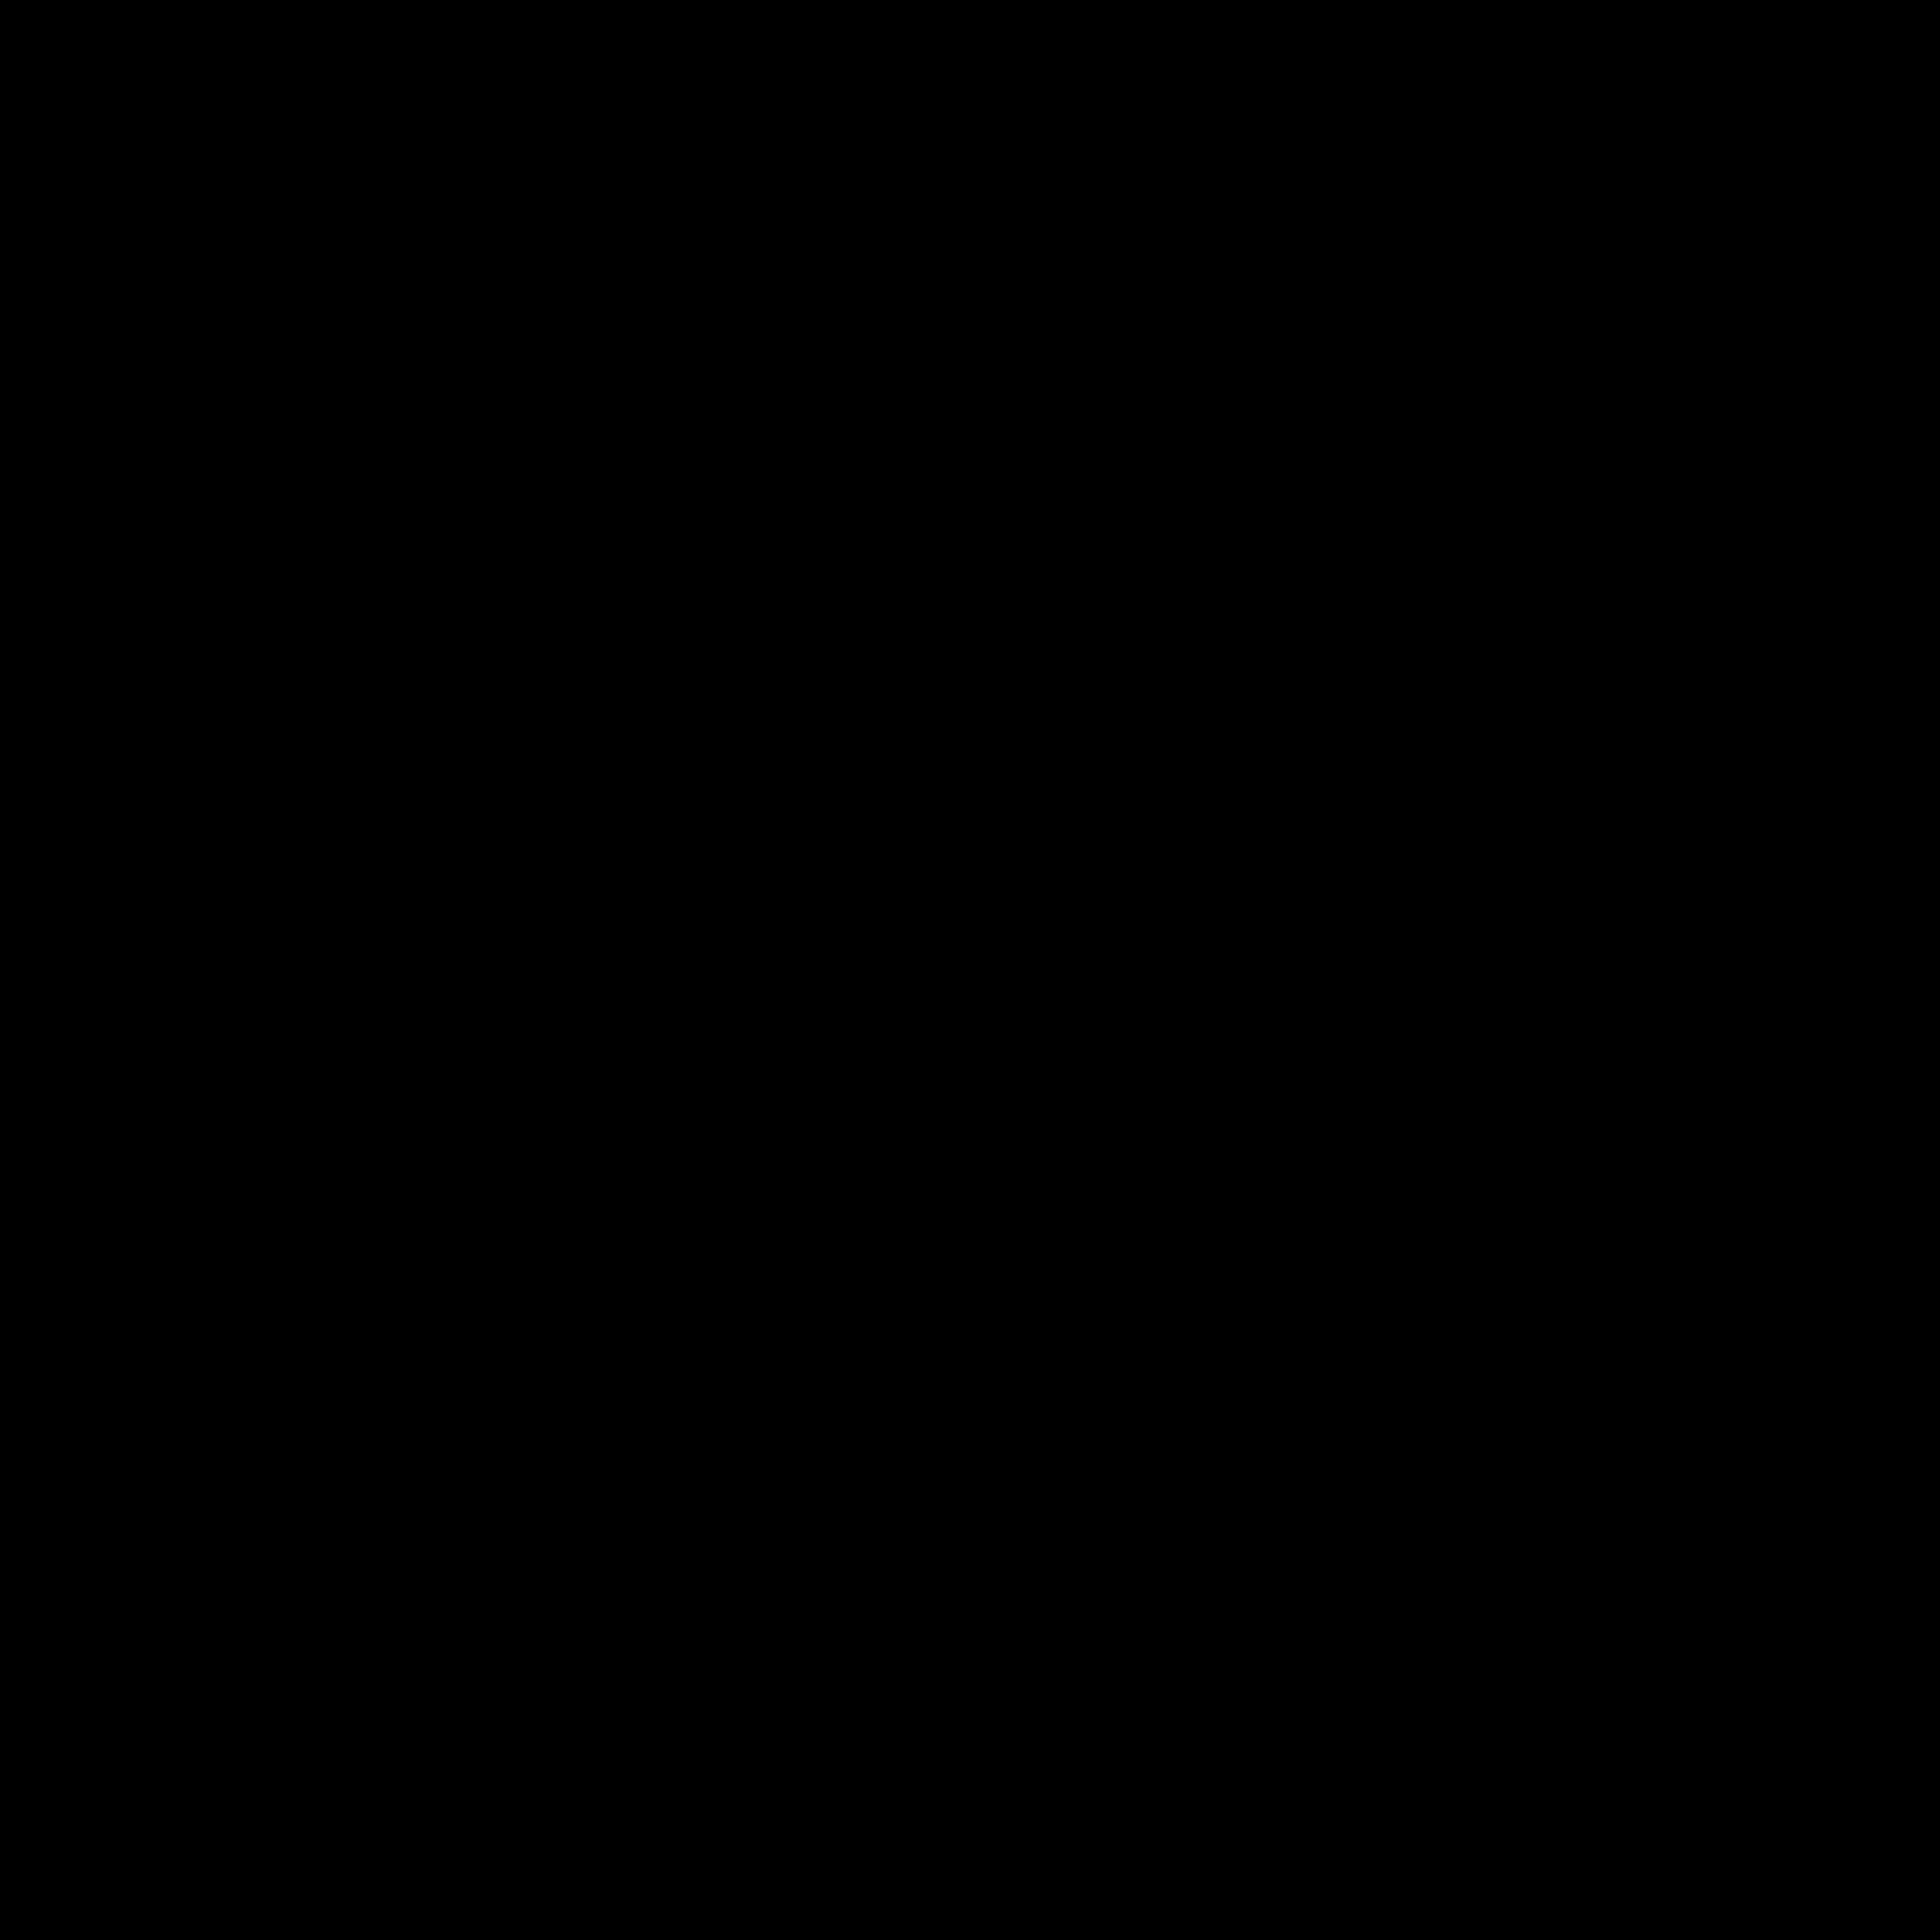 Разработка логотипа для компании военной тематики фото f_5106024389c3ade8.png